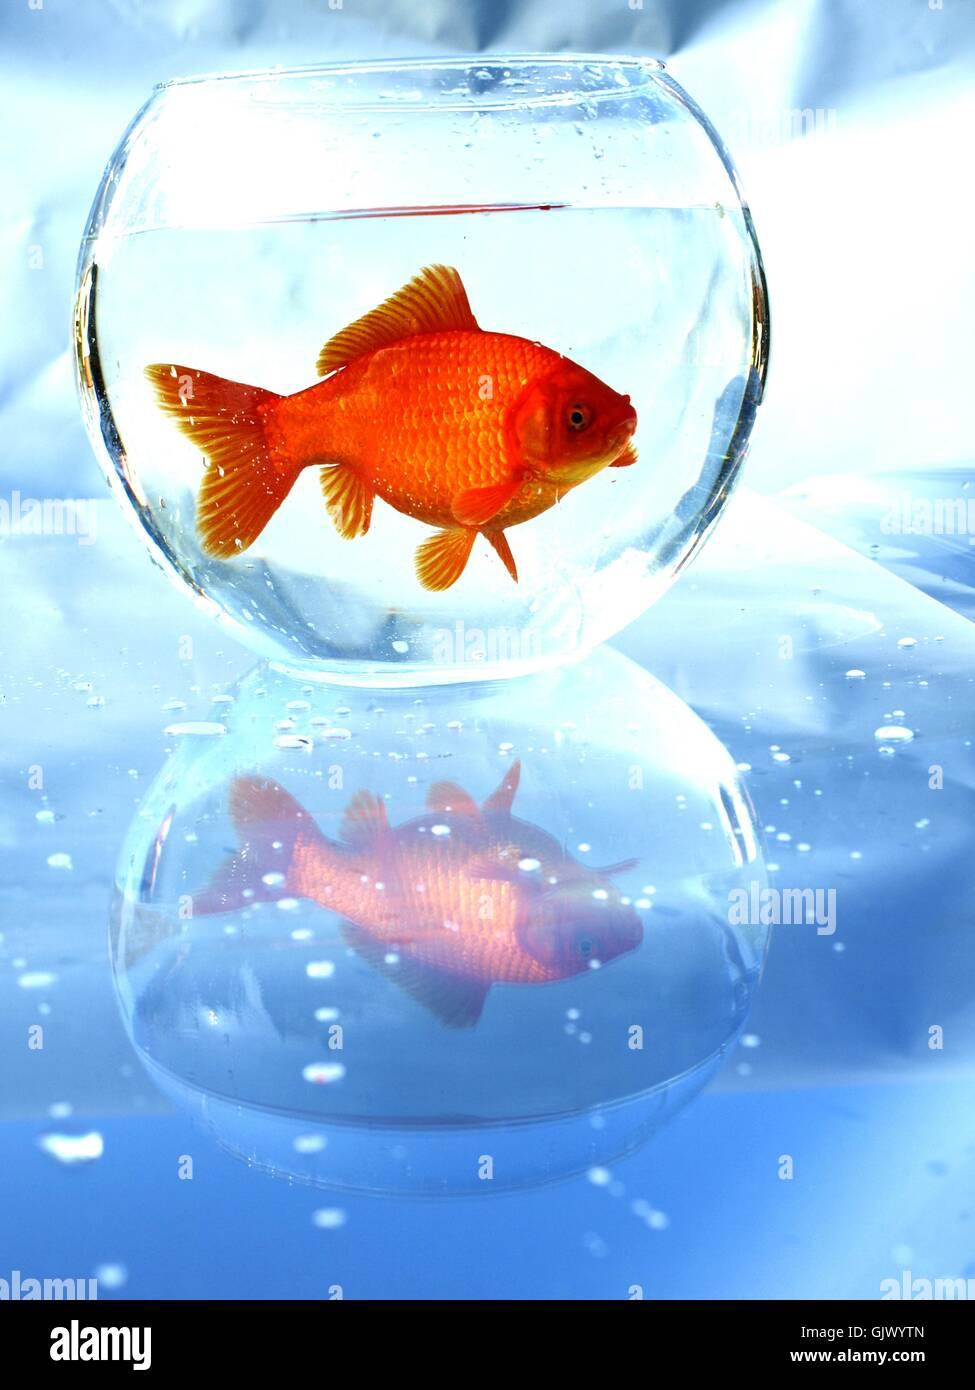 goldfische stockfotos goldfische bilder alamy. Black Bedroom Furniture Sets. Home Design Ideas